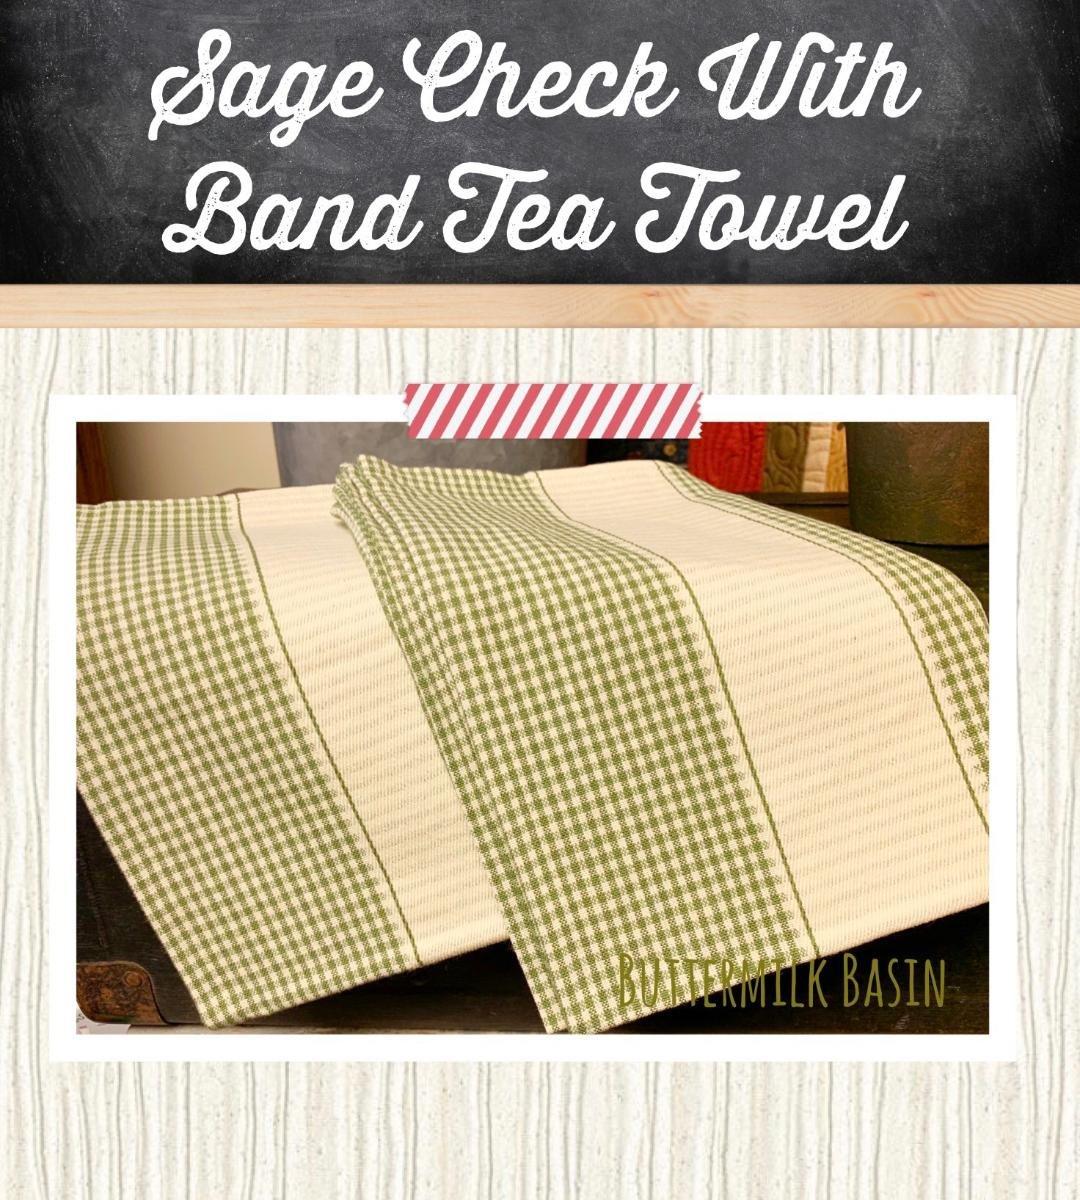 Sage Check with Band Tea Towel